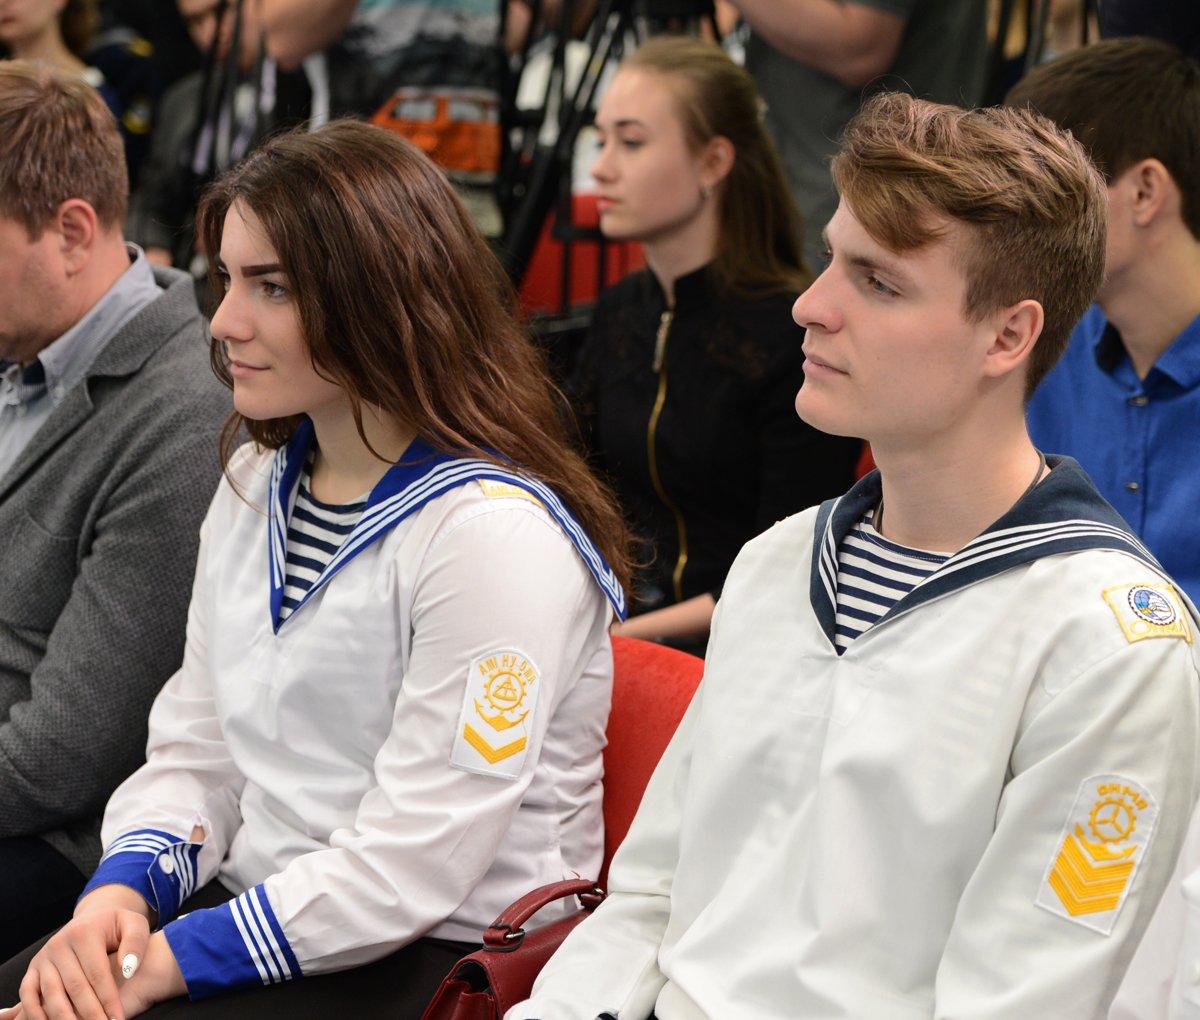 Борис Колесников отправляет лучших студентов Донетчины на выставку в Грецию, фото-4